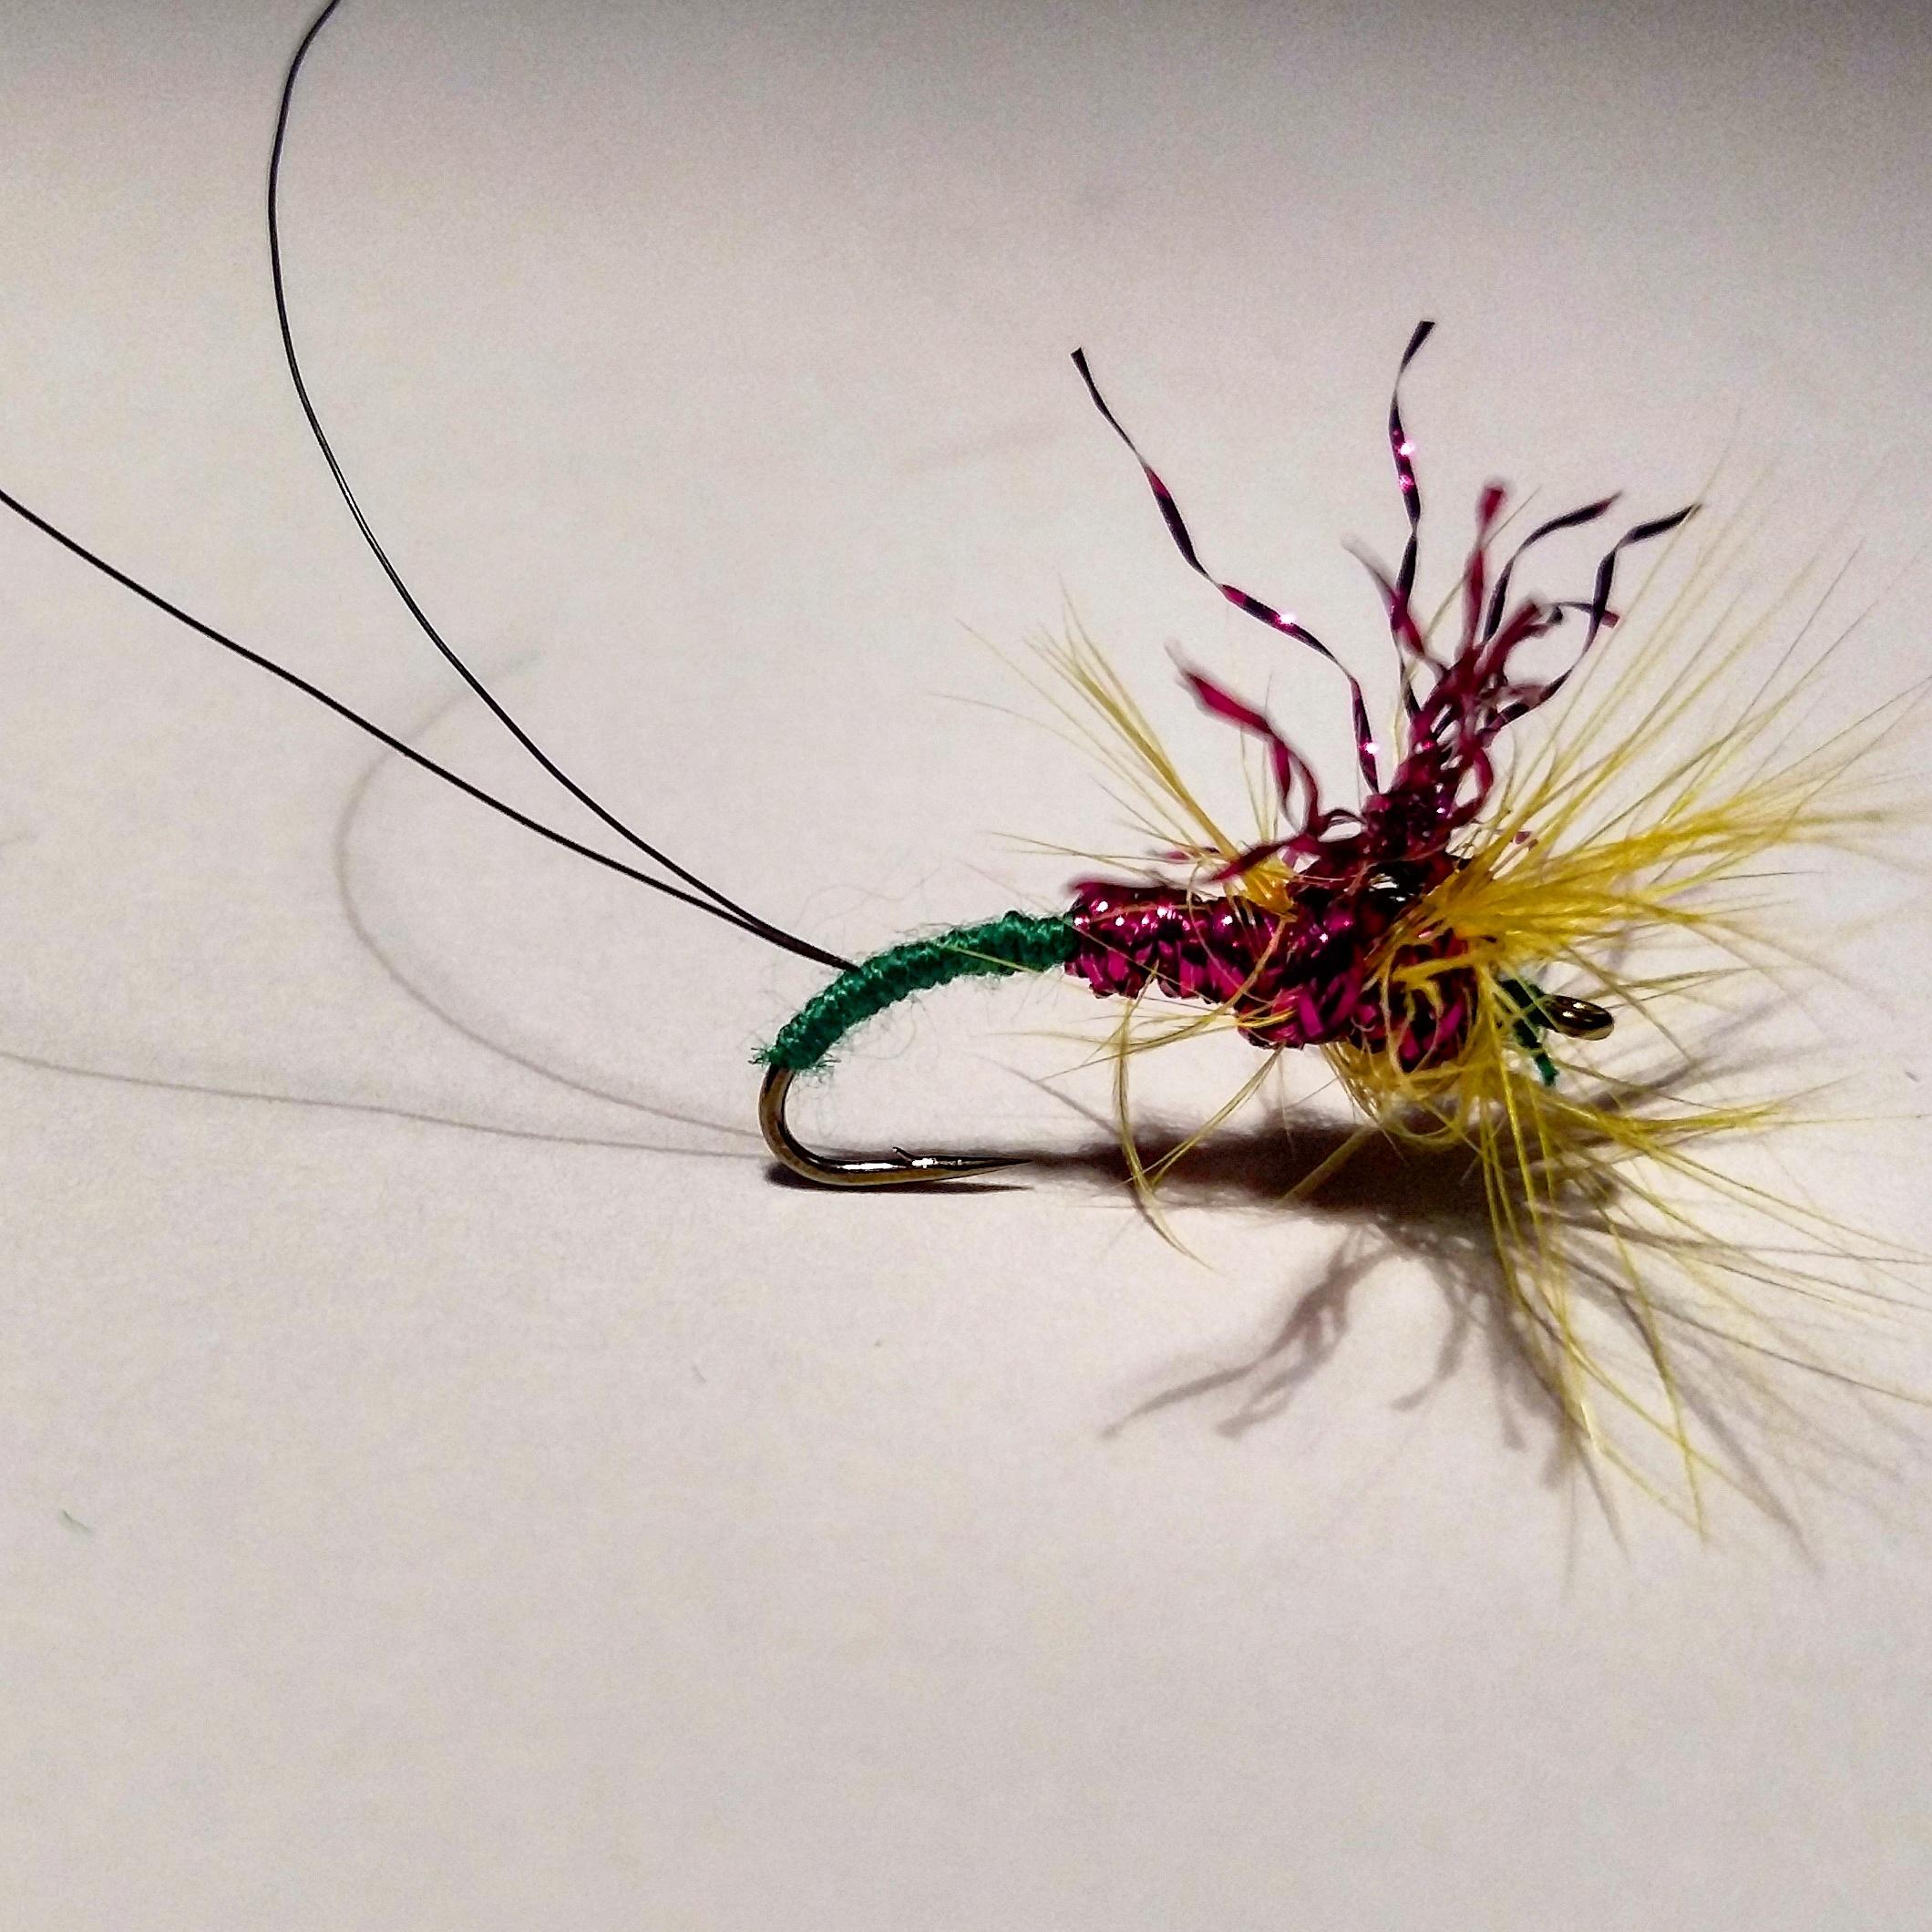 flyfishing LM 20